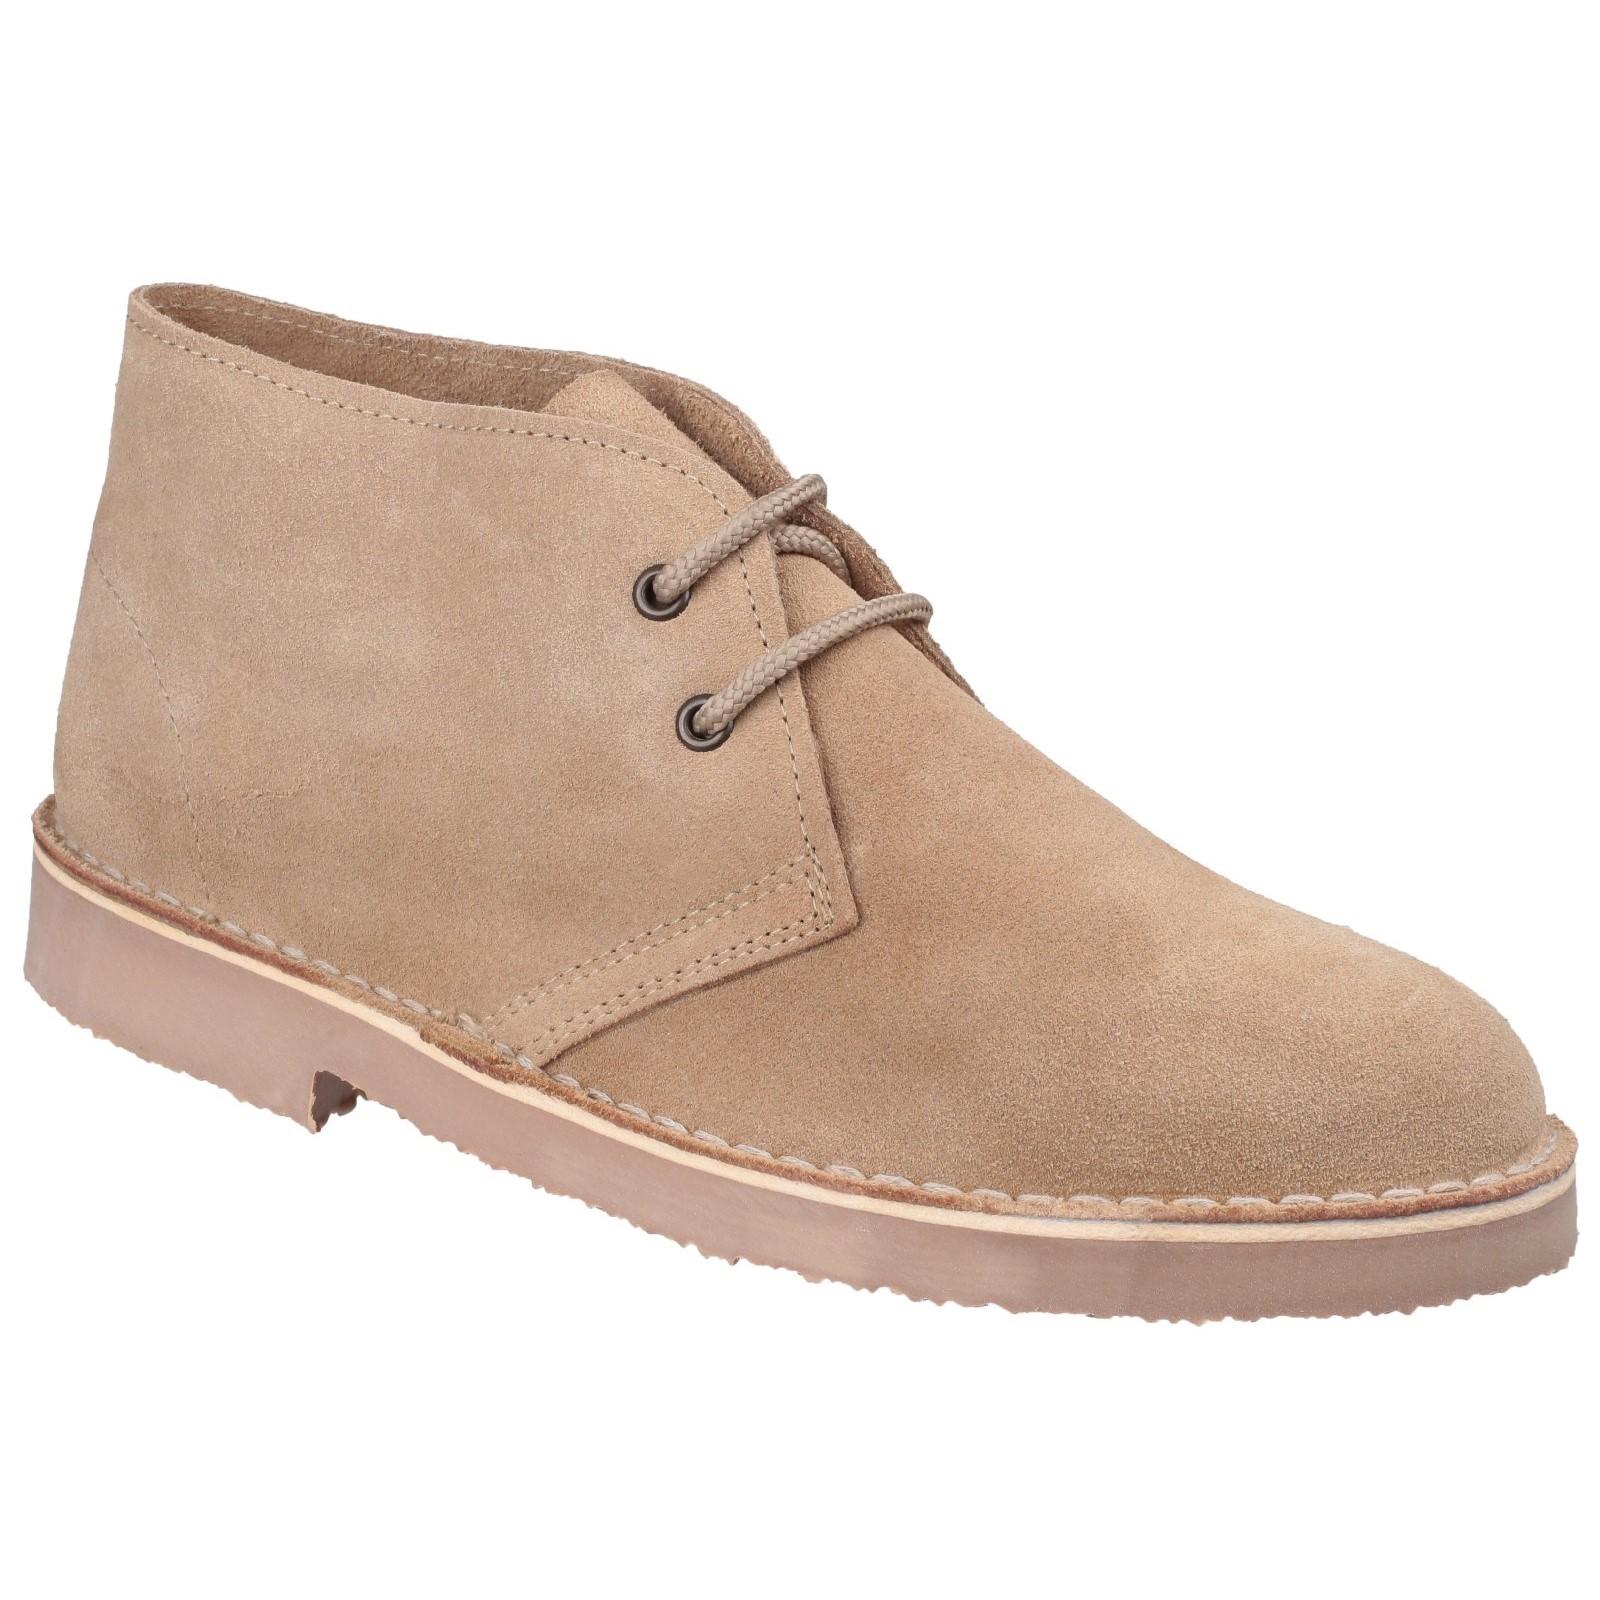 Cotswold Mens Sahara Desert Boot Camel Size UK 14 EU 48